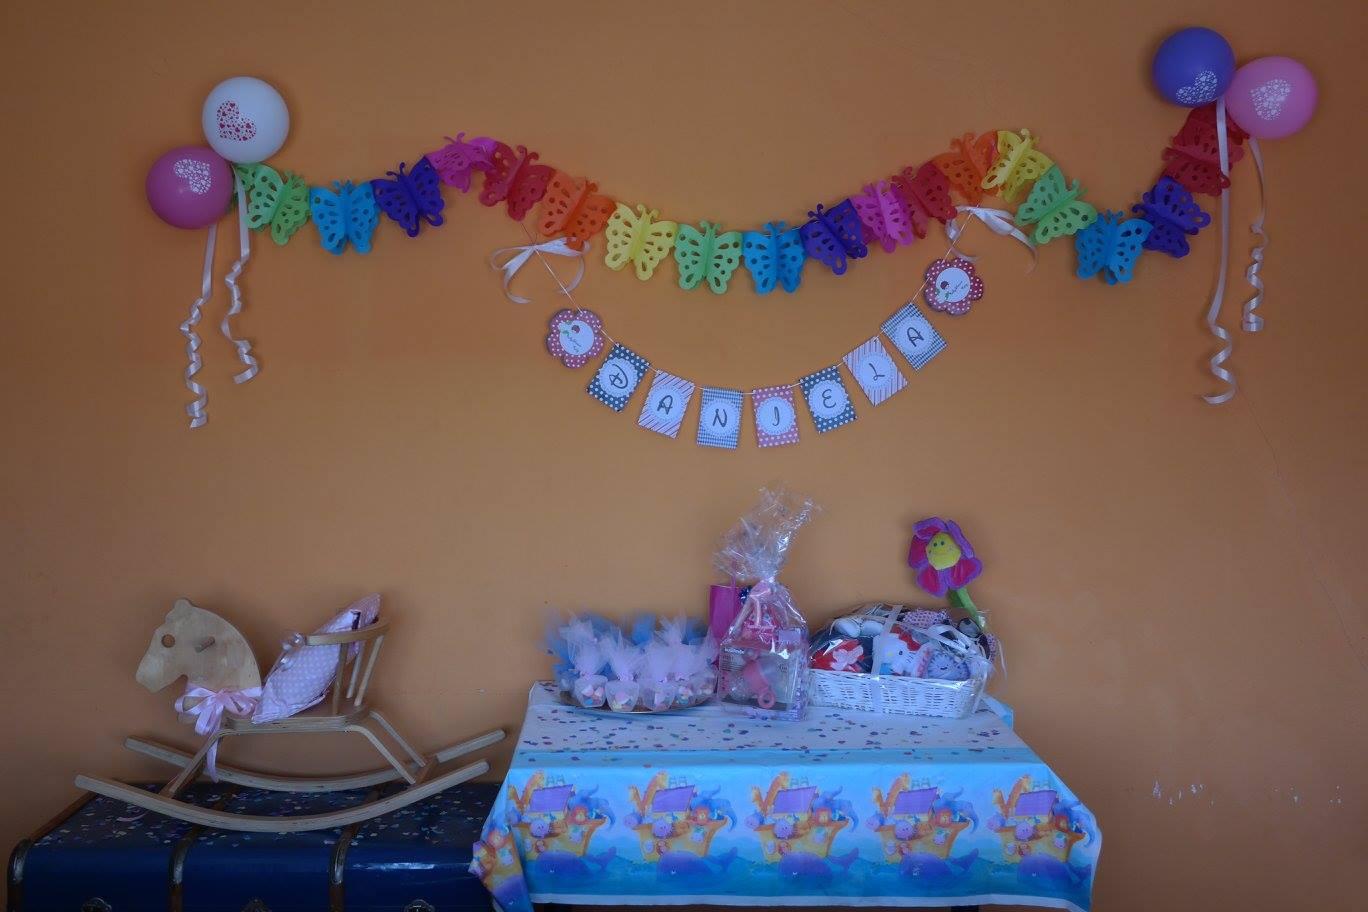 De orugas y mariposas su primer cumplea os ideas de - Decoracion primer cumpleanos ...